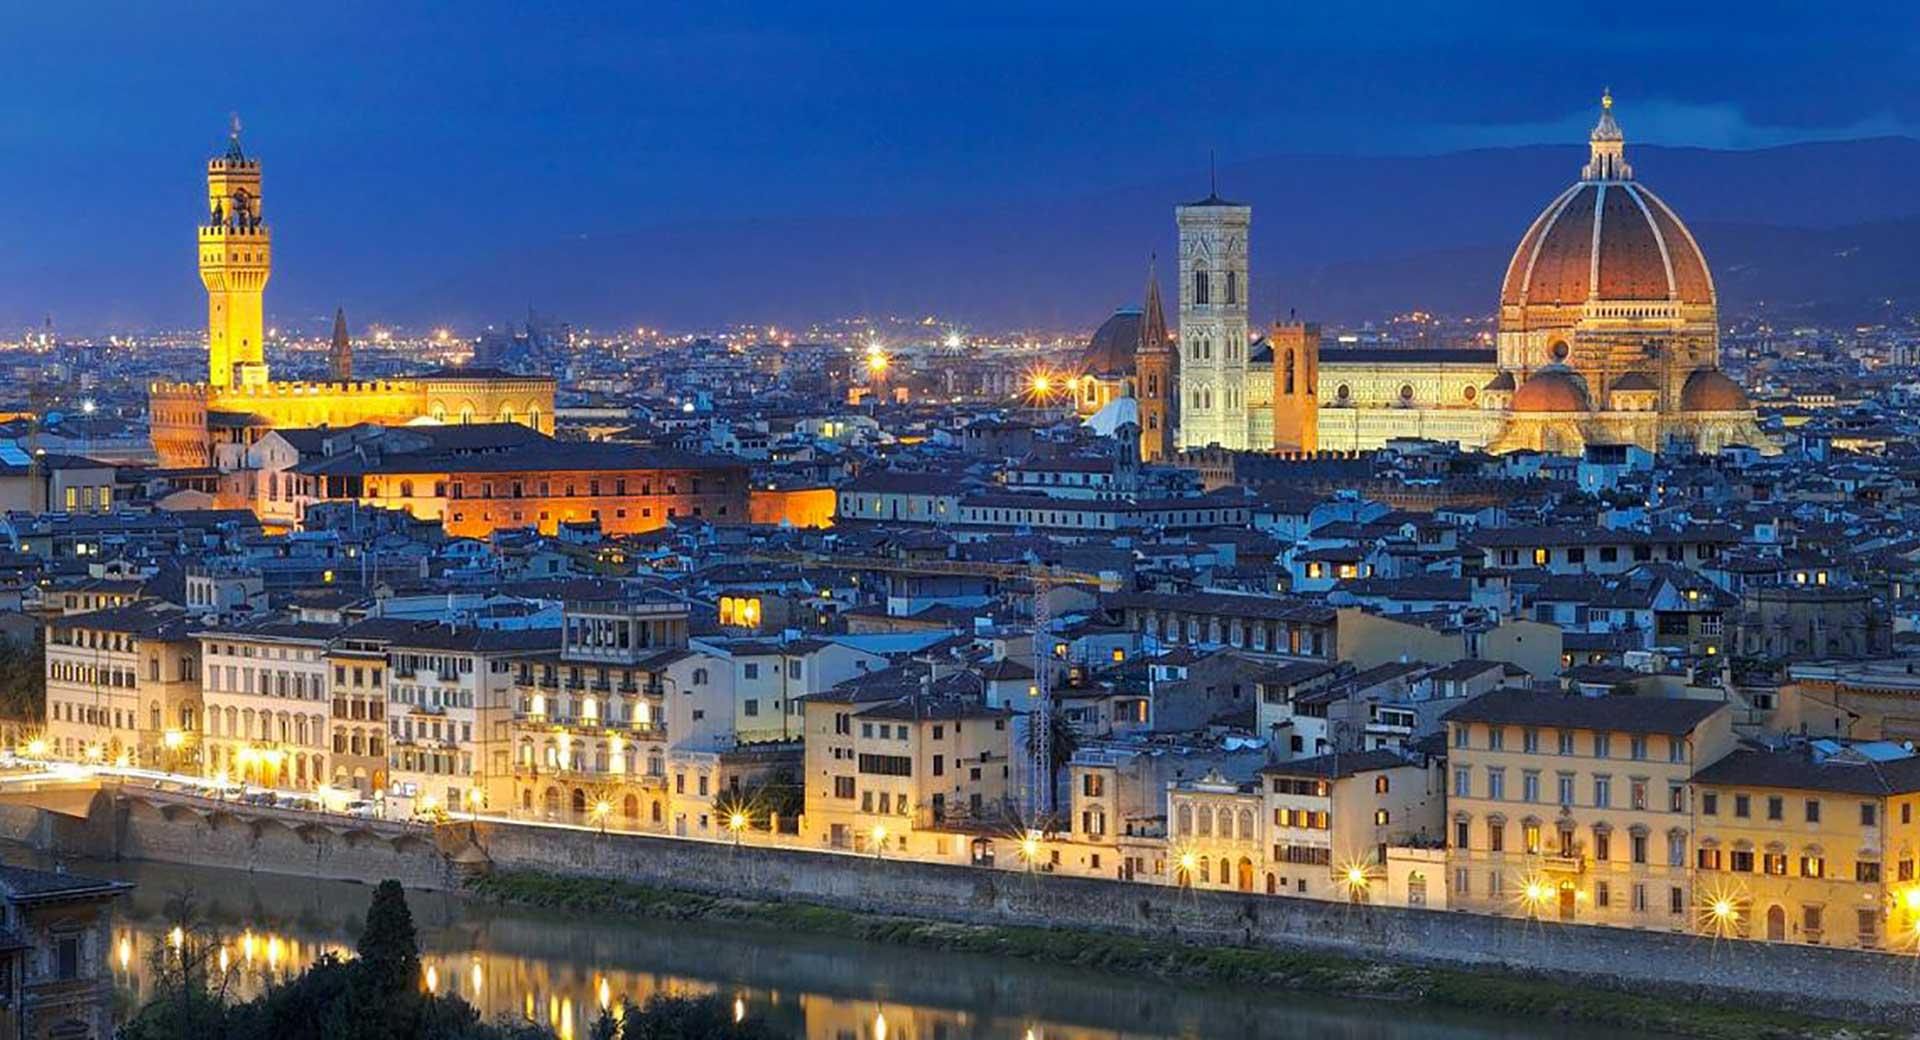 Firenze_1920x1040